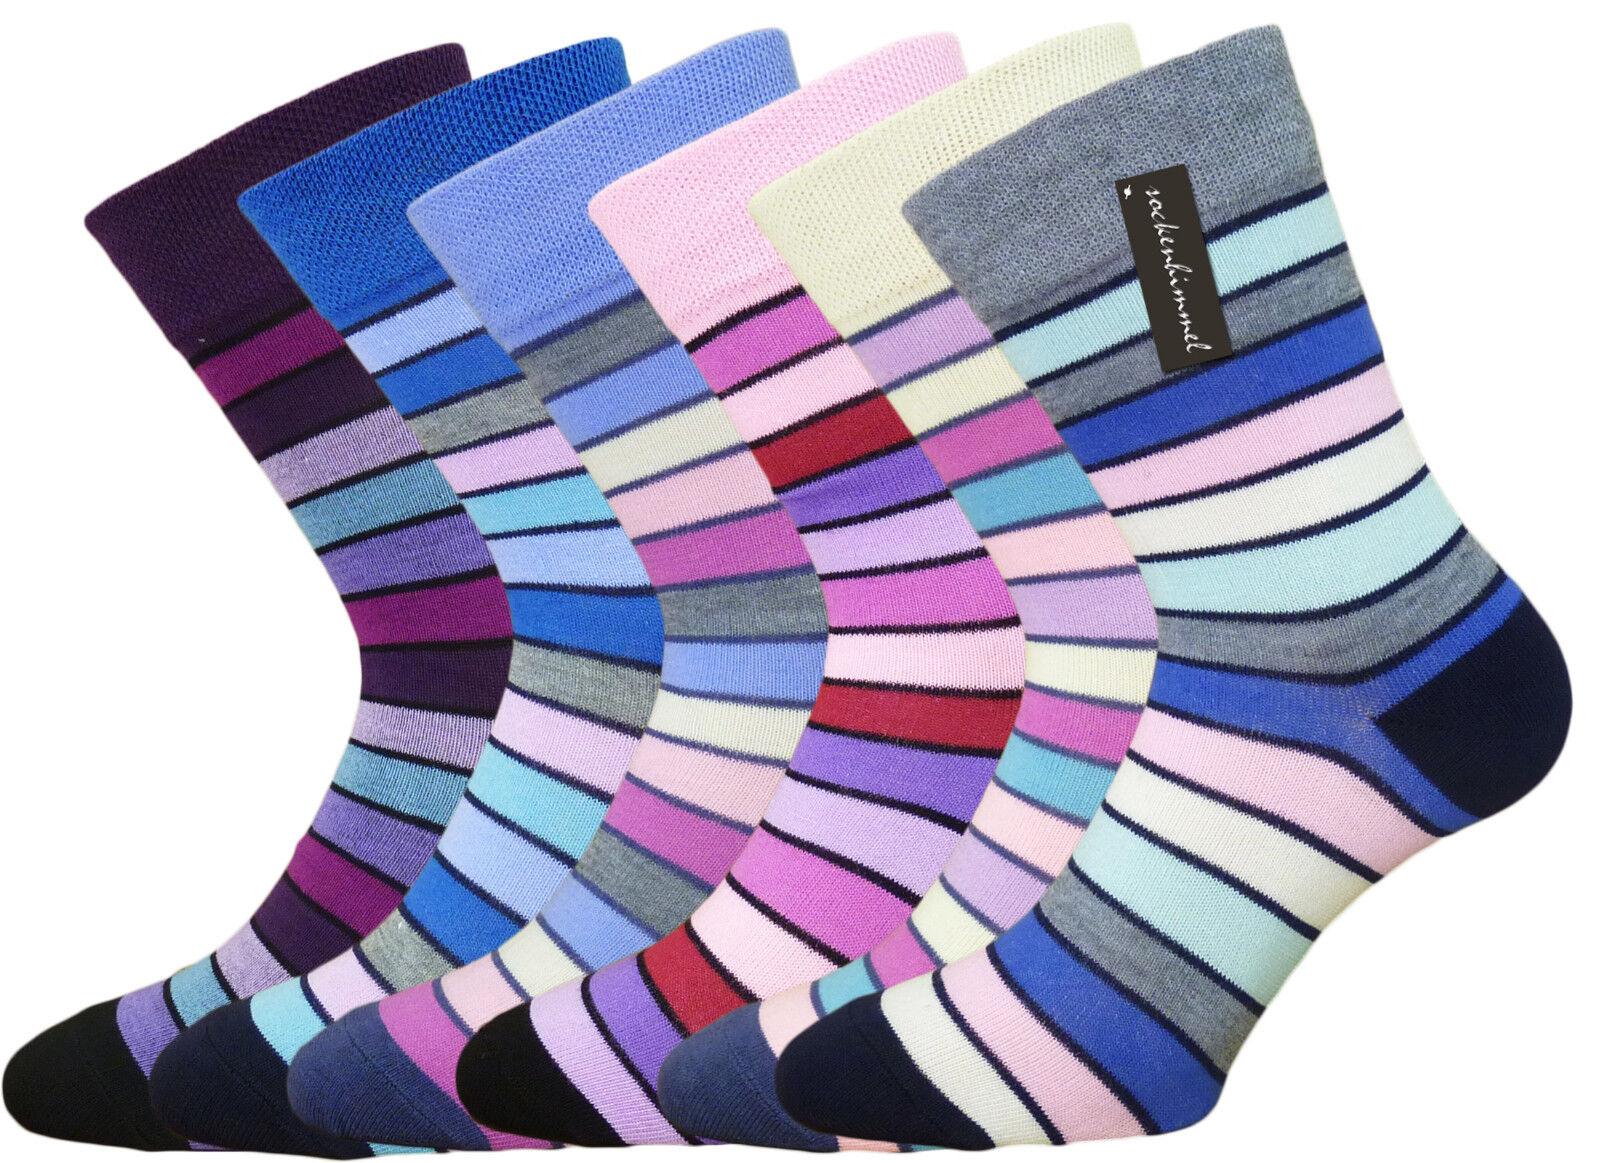 Damen-Socken ohne Gummi - Komfort-Socken - 6er Pack mit bunten Ringel Baumwolle